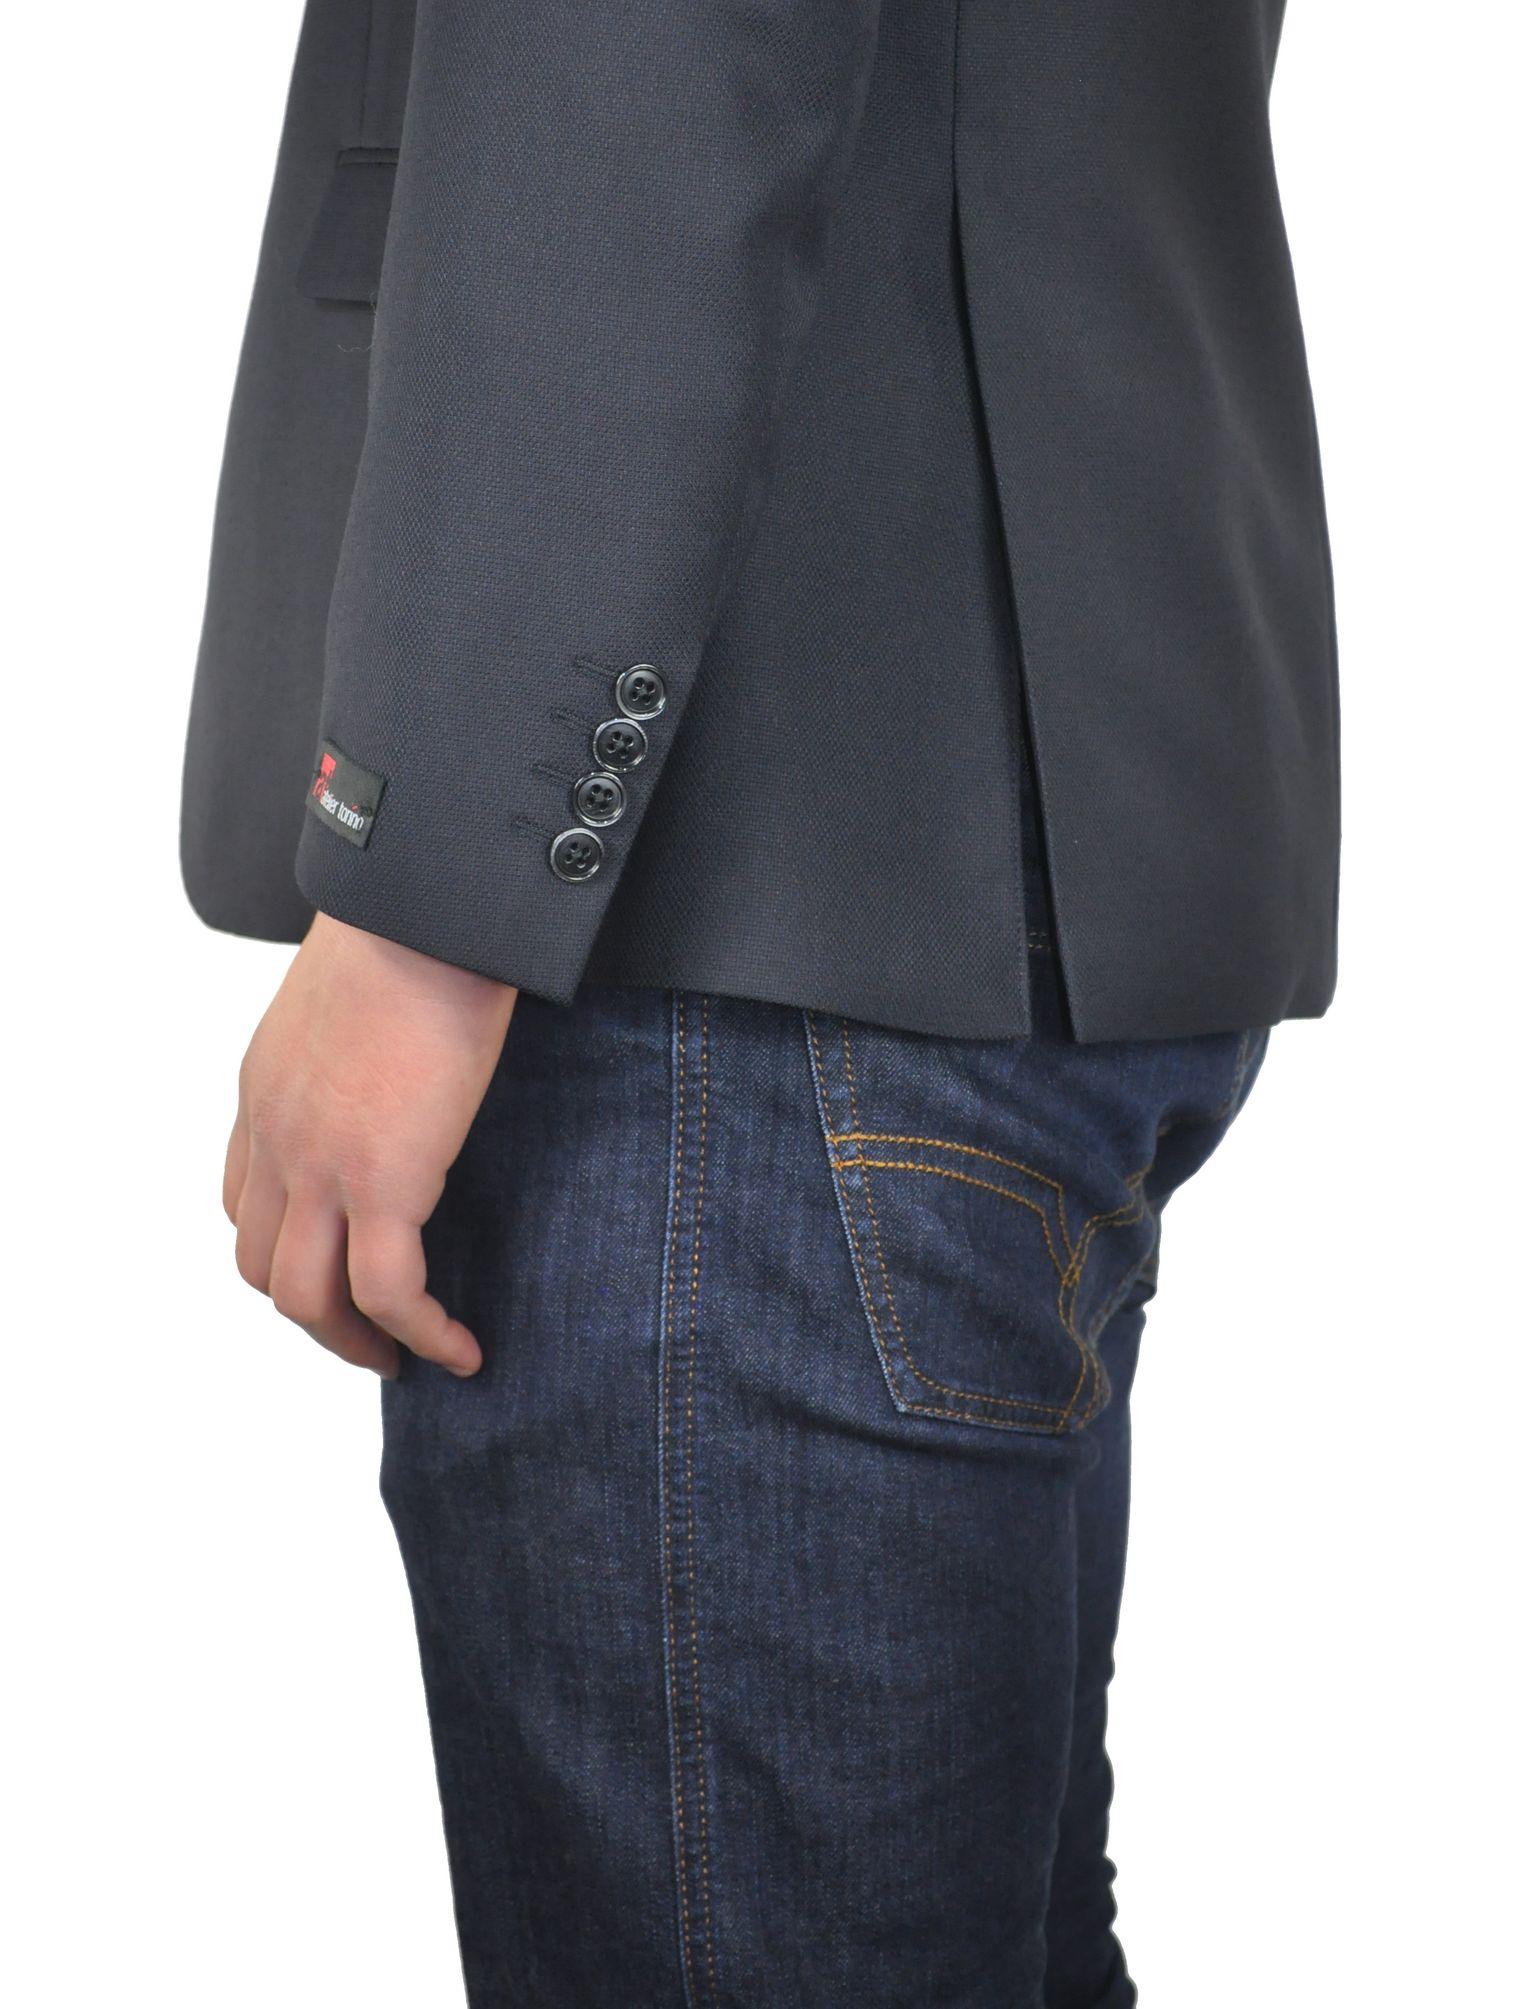 3628f94b8392 Atelier Torino - Modern Fit - Herren Blazer in Dunkelblau, Romas SS (841200)